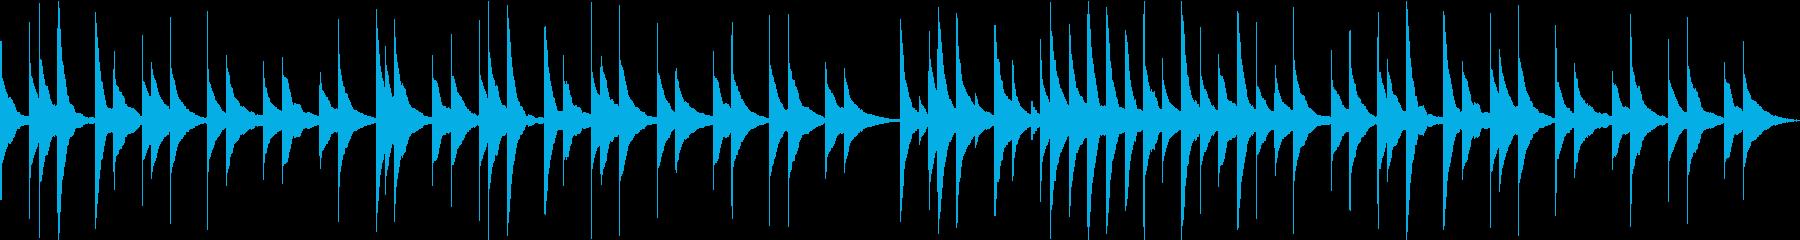 モーツアルト、ピアノソナタのオルゴールの再生済みの波形